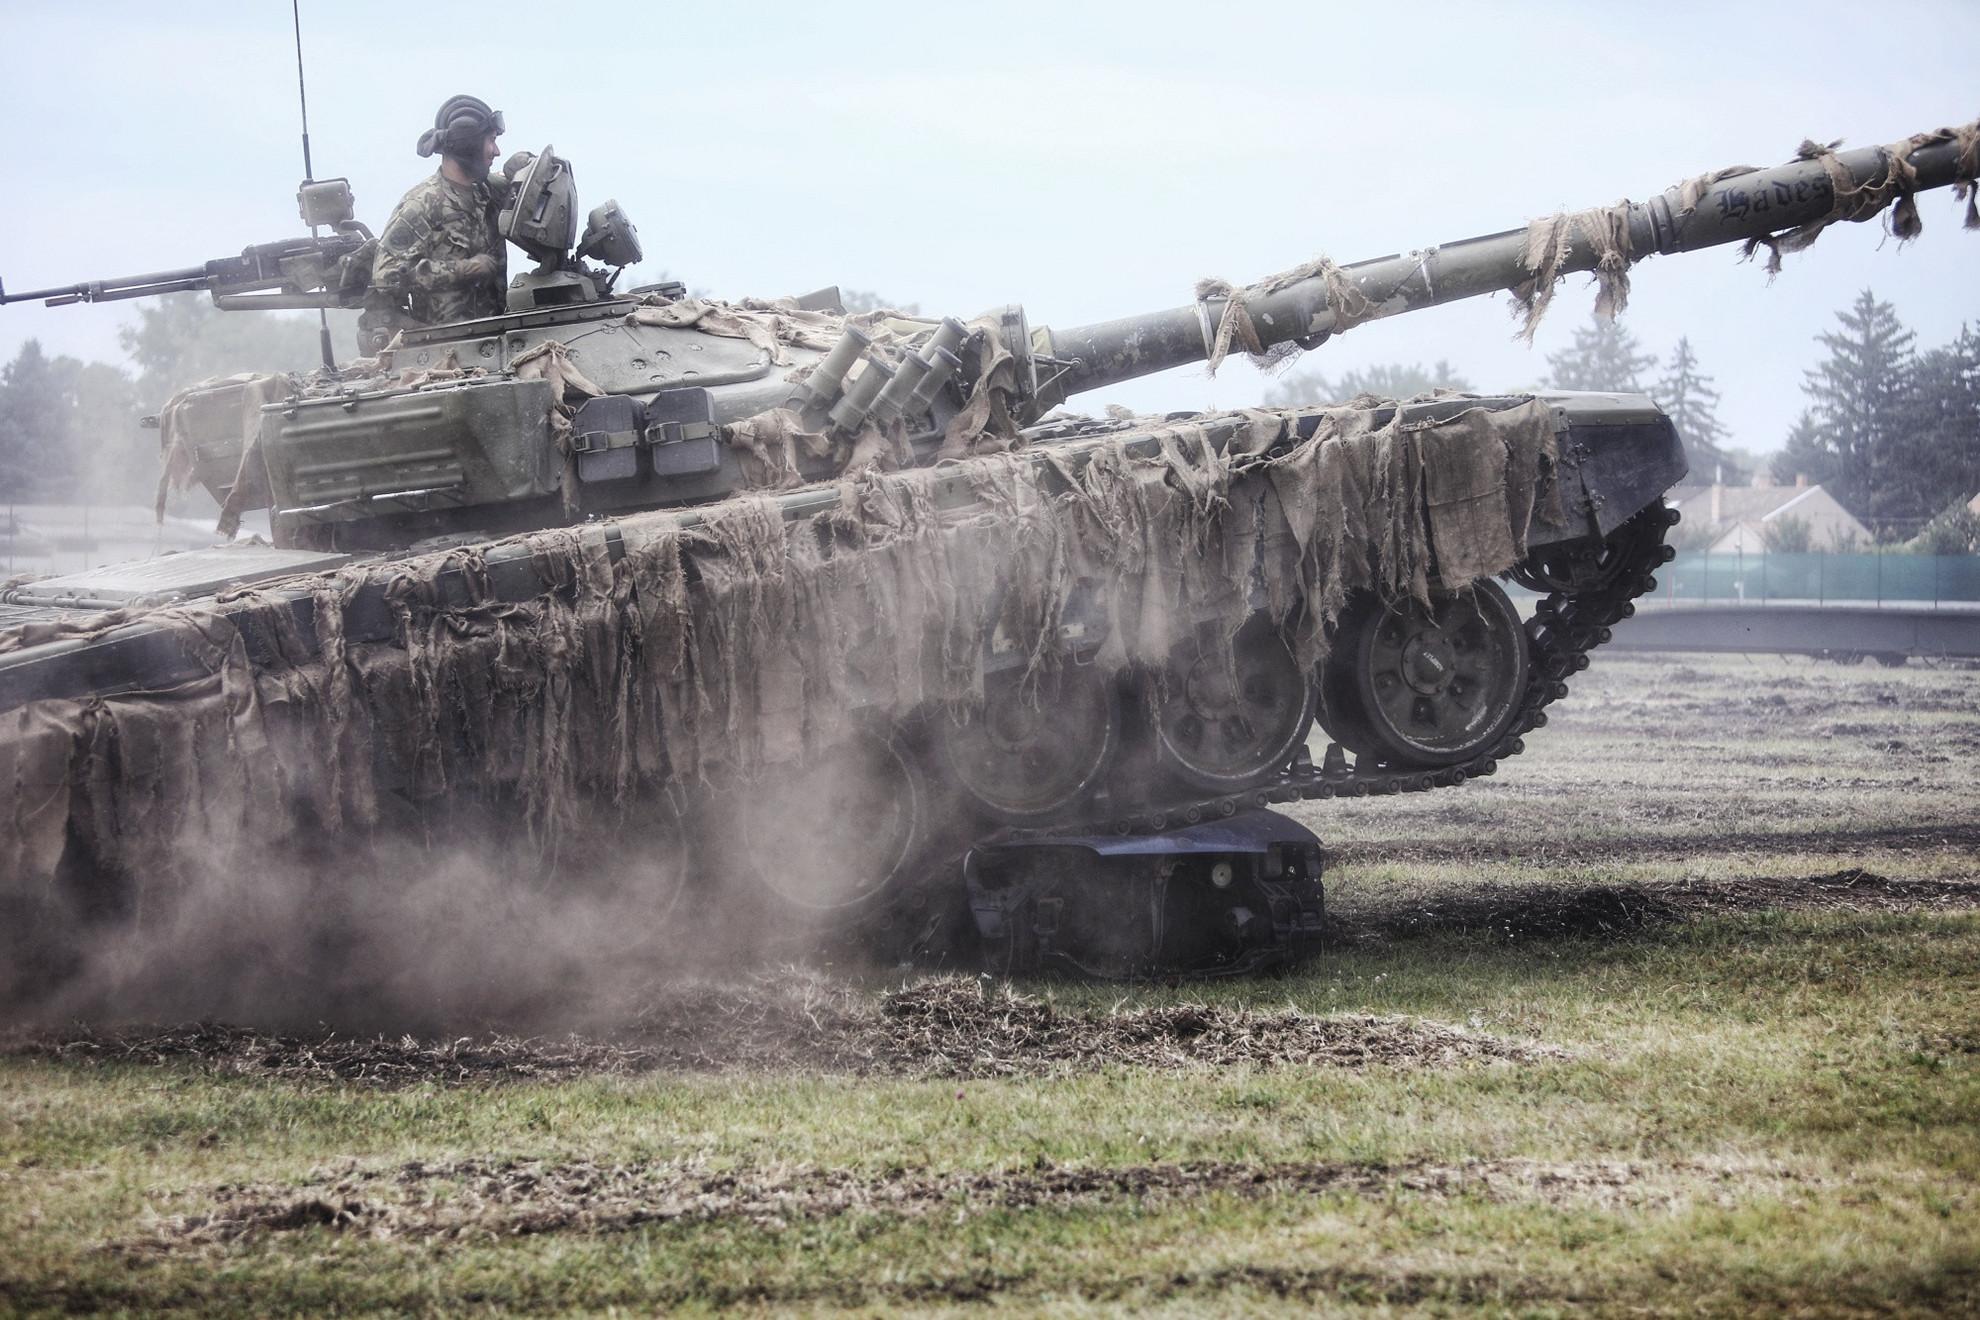 2023-tól már a legkorszerűbb, 2A7HU típusú páncélosokat használhatják a katonák